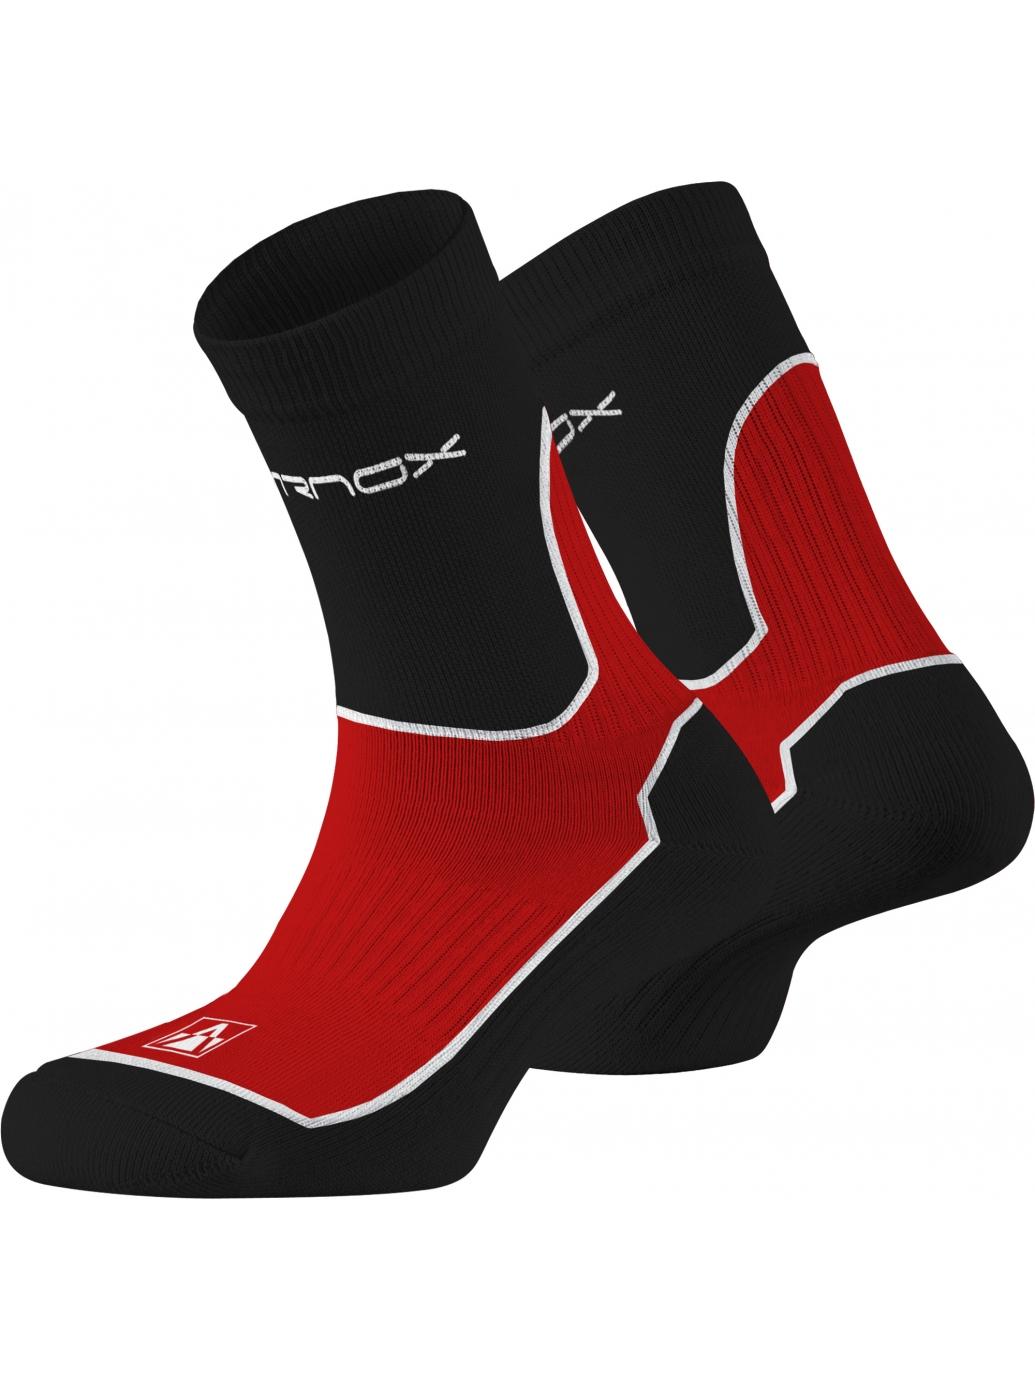 Arnox Outdoor Black-red - Funkčné športové oblečenie - Arnox.eu 99400fa8e1